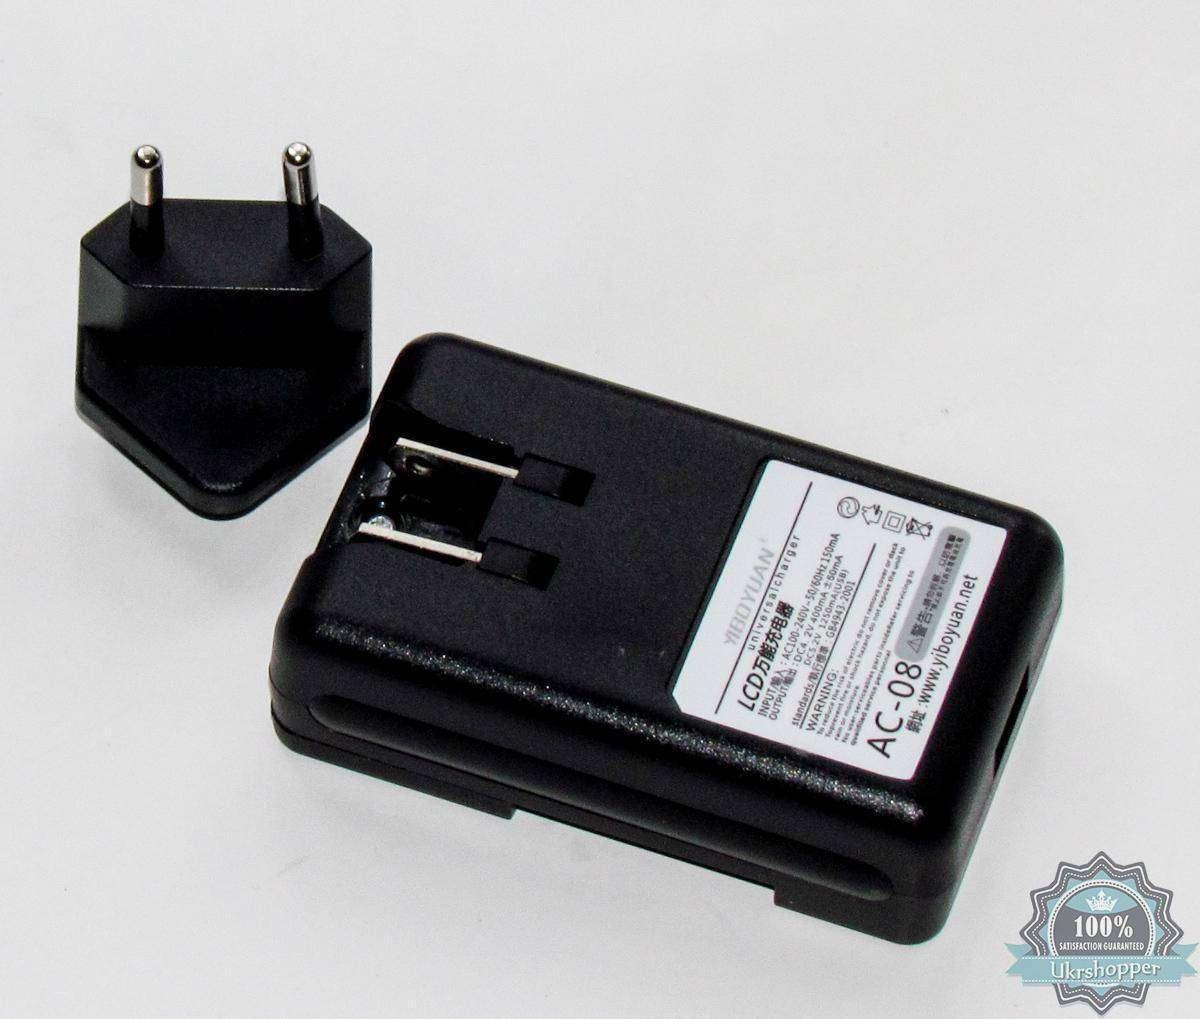 Ebay: Универсальная зарядка (жабка) для Li-On аккумуляторов 3,7 В